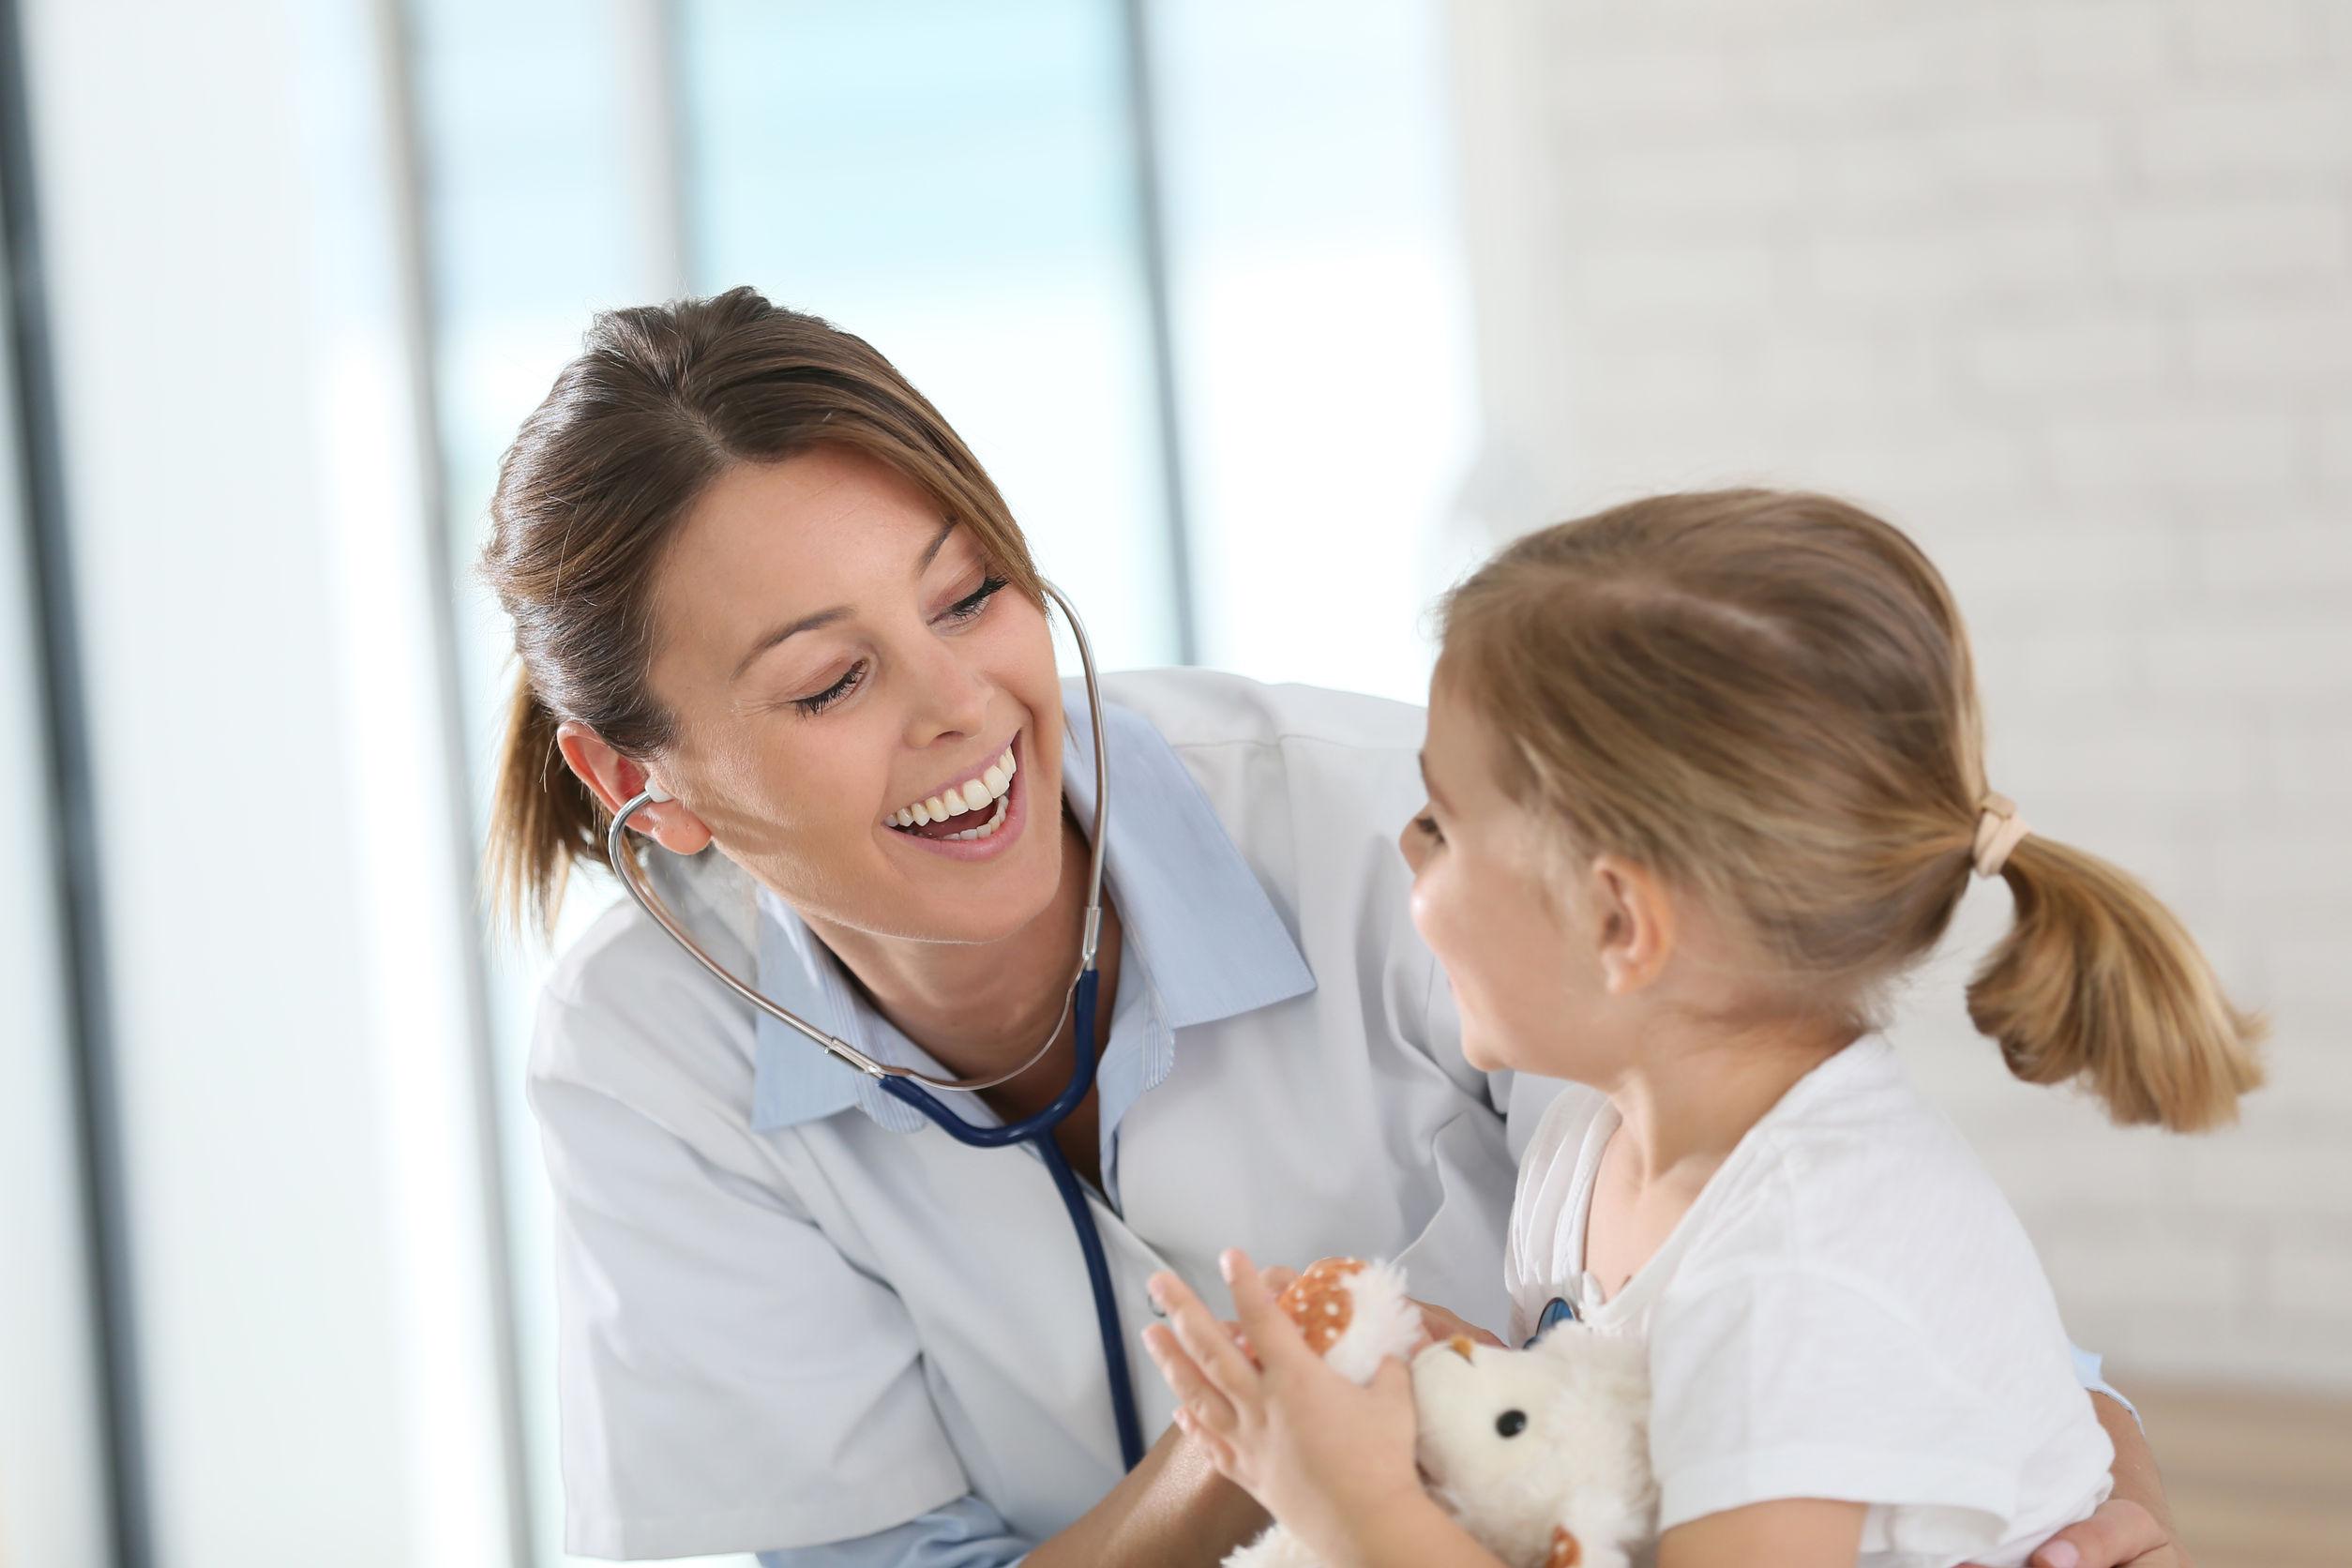 Primăria Capitalei: Toate unităţile de învăţământ vor avea personal medical în cabinetele şcolare